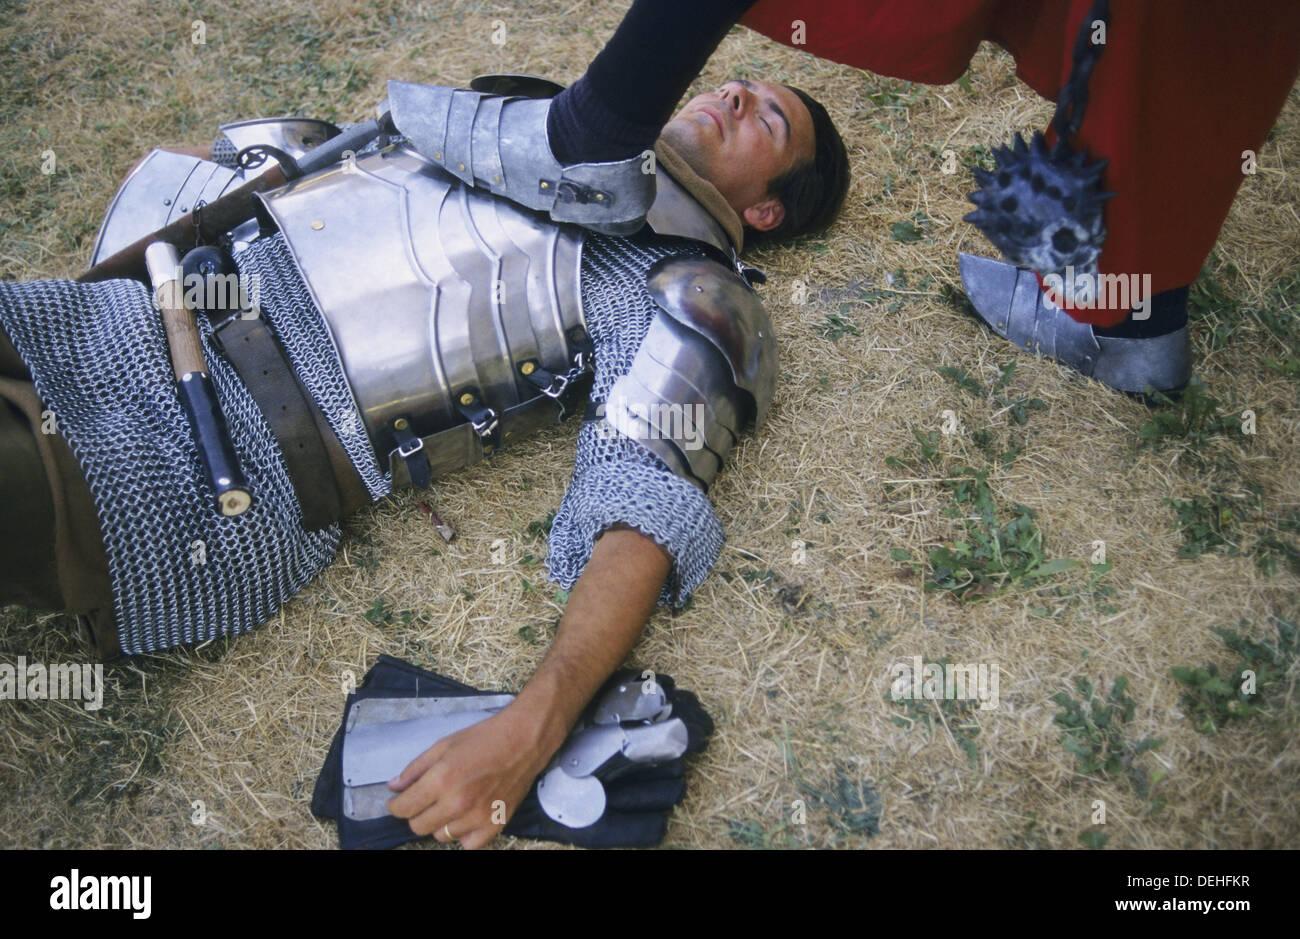 Ritter Mittelalter Festival In Avila Spanien Stockfoto Bild